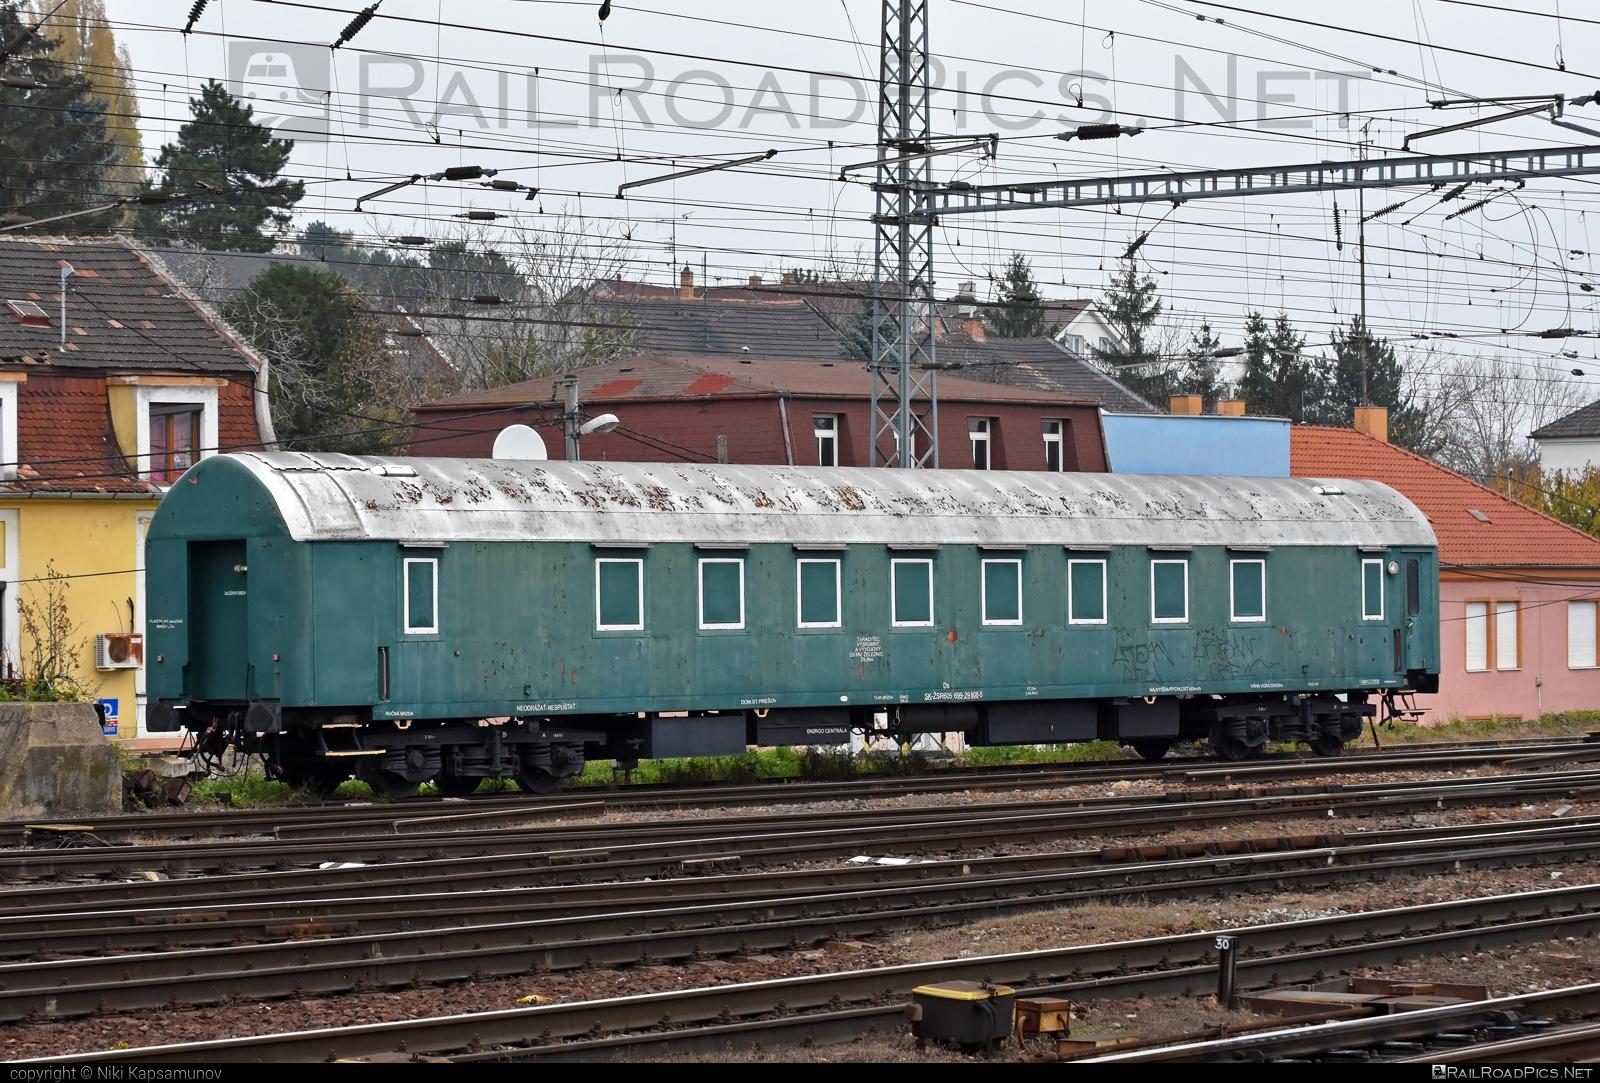 Class D - Ds - 99-29 808-5 operated by Železnice Slovenskej Republiky #zelezniceslovenskejrepubliky #zsr